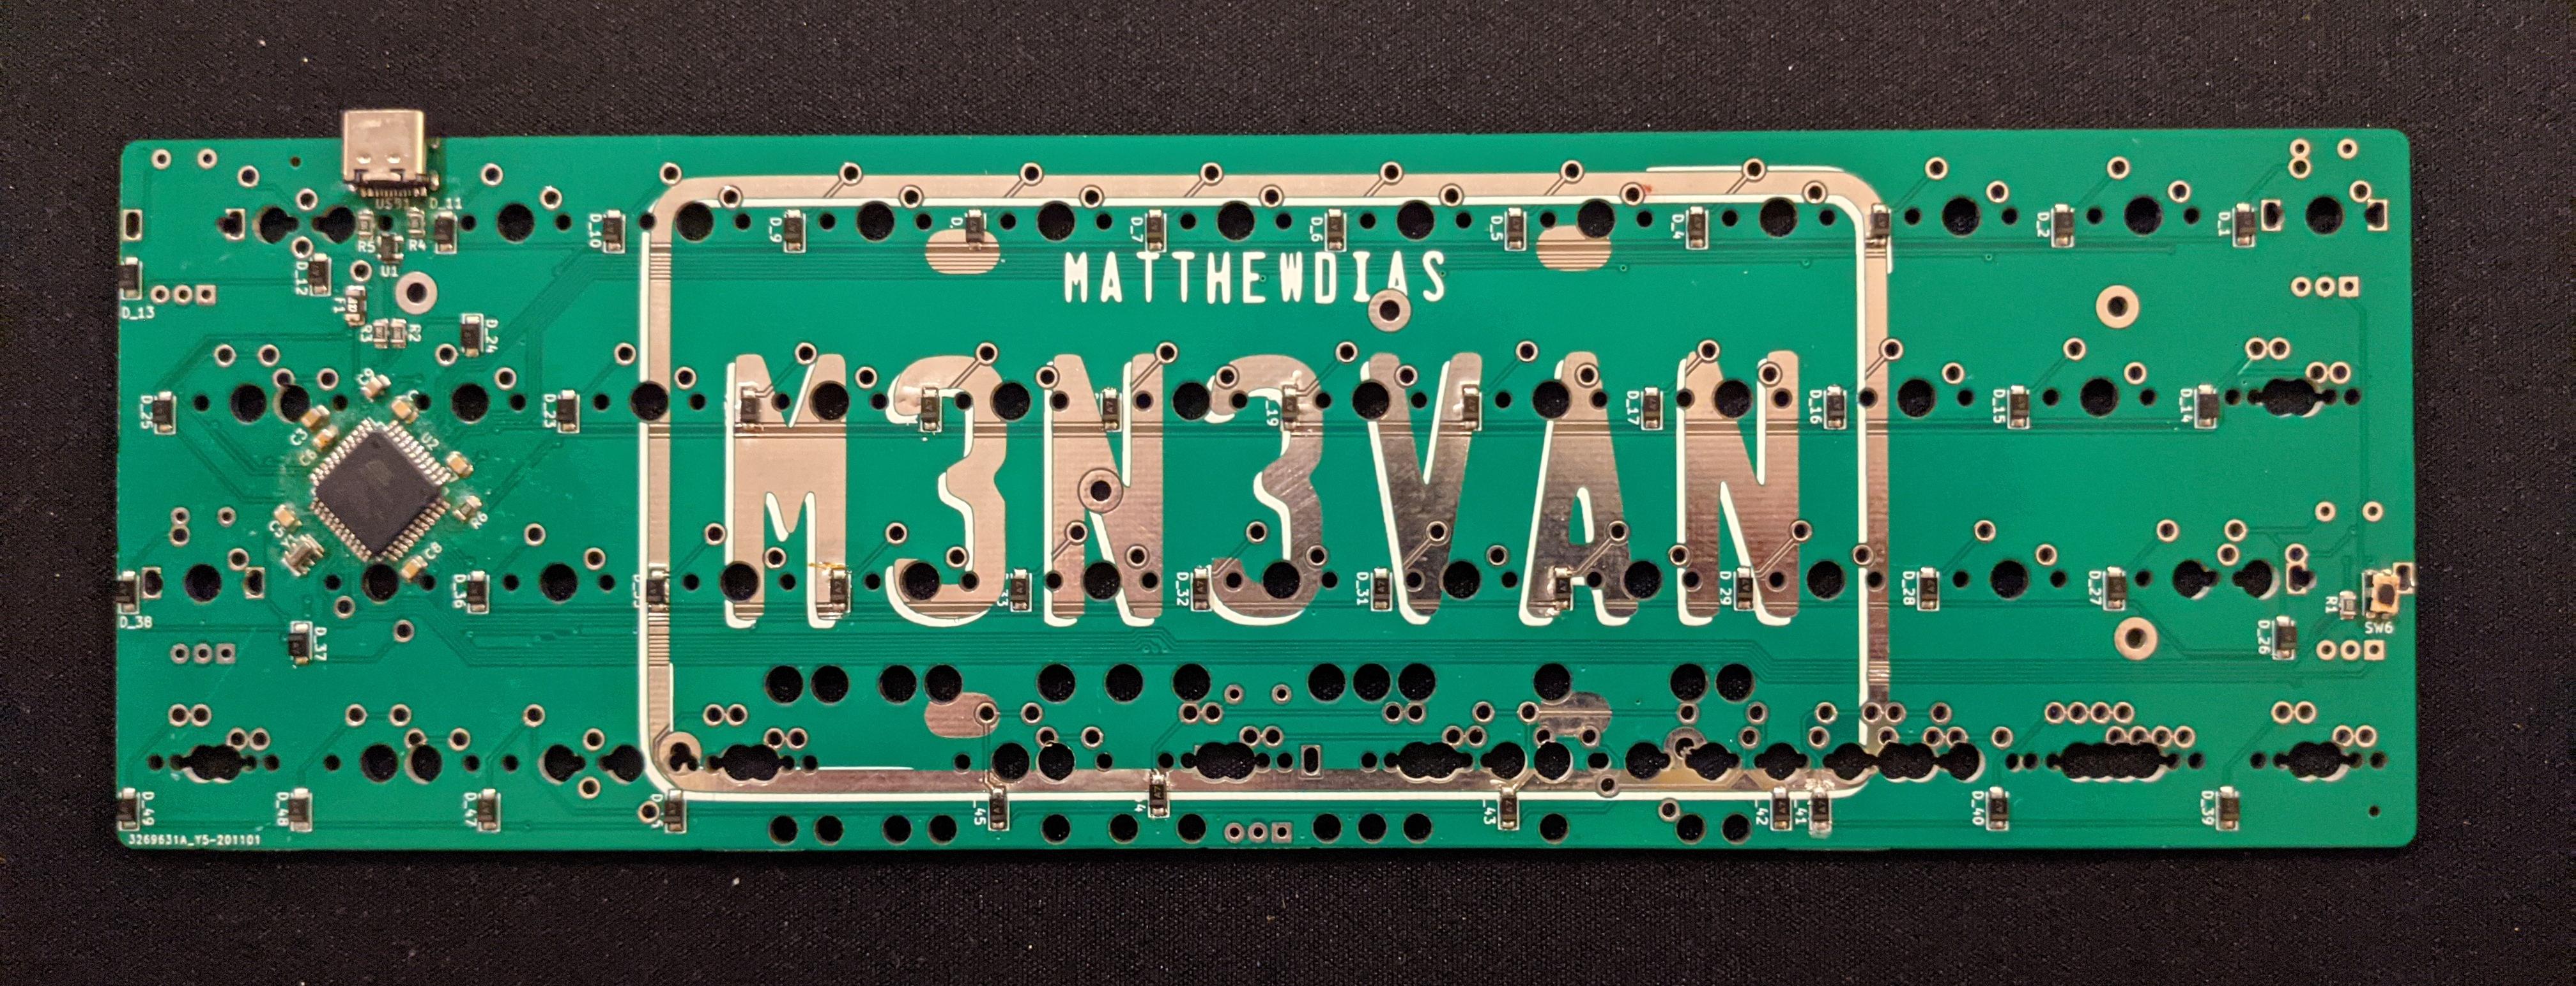 Back of the m3n3van rev1 PCB